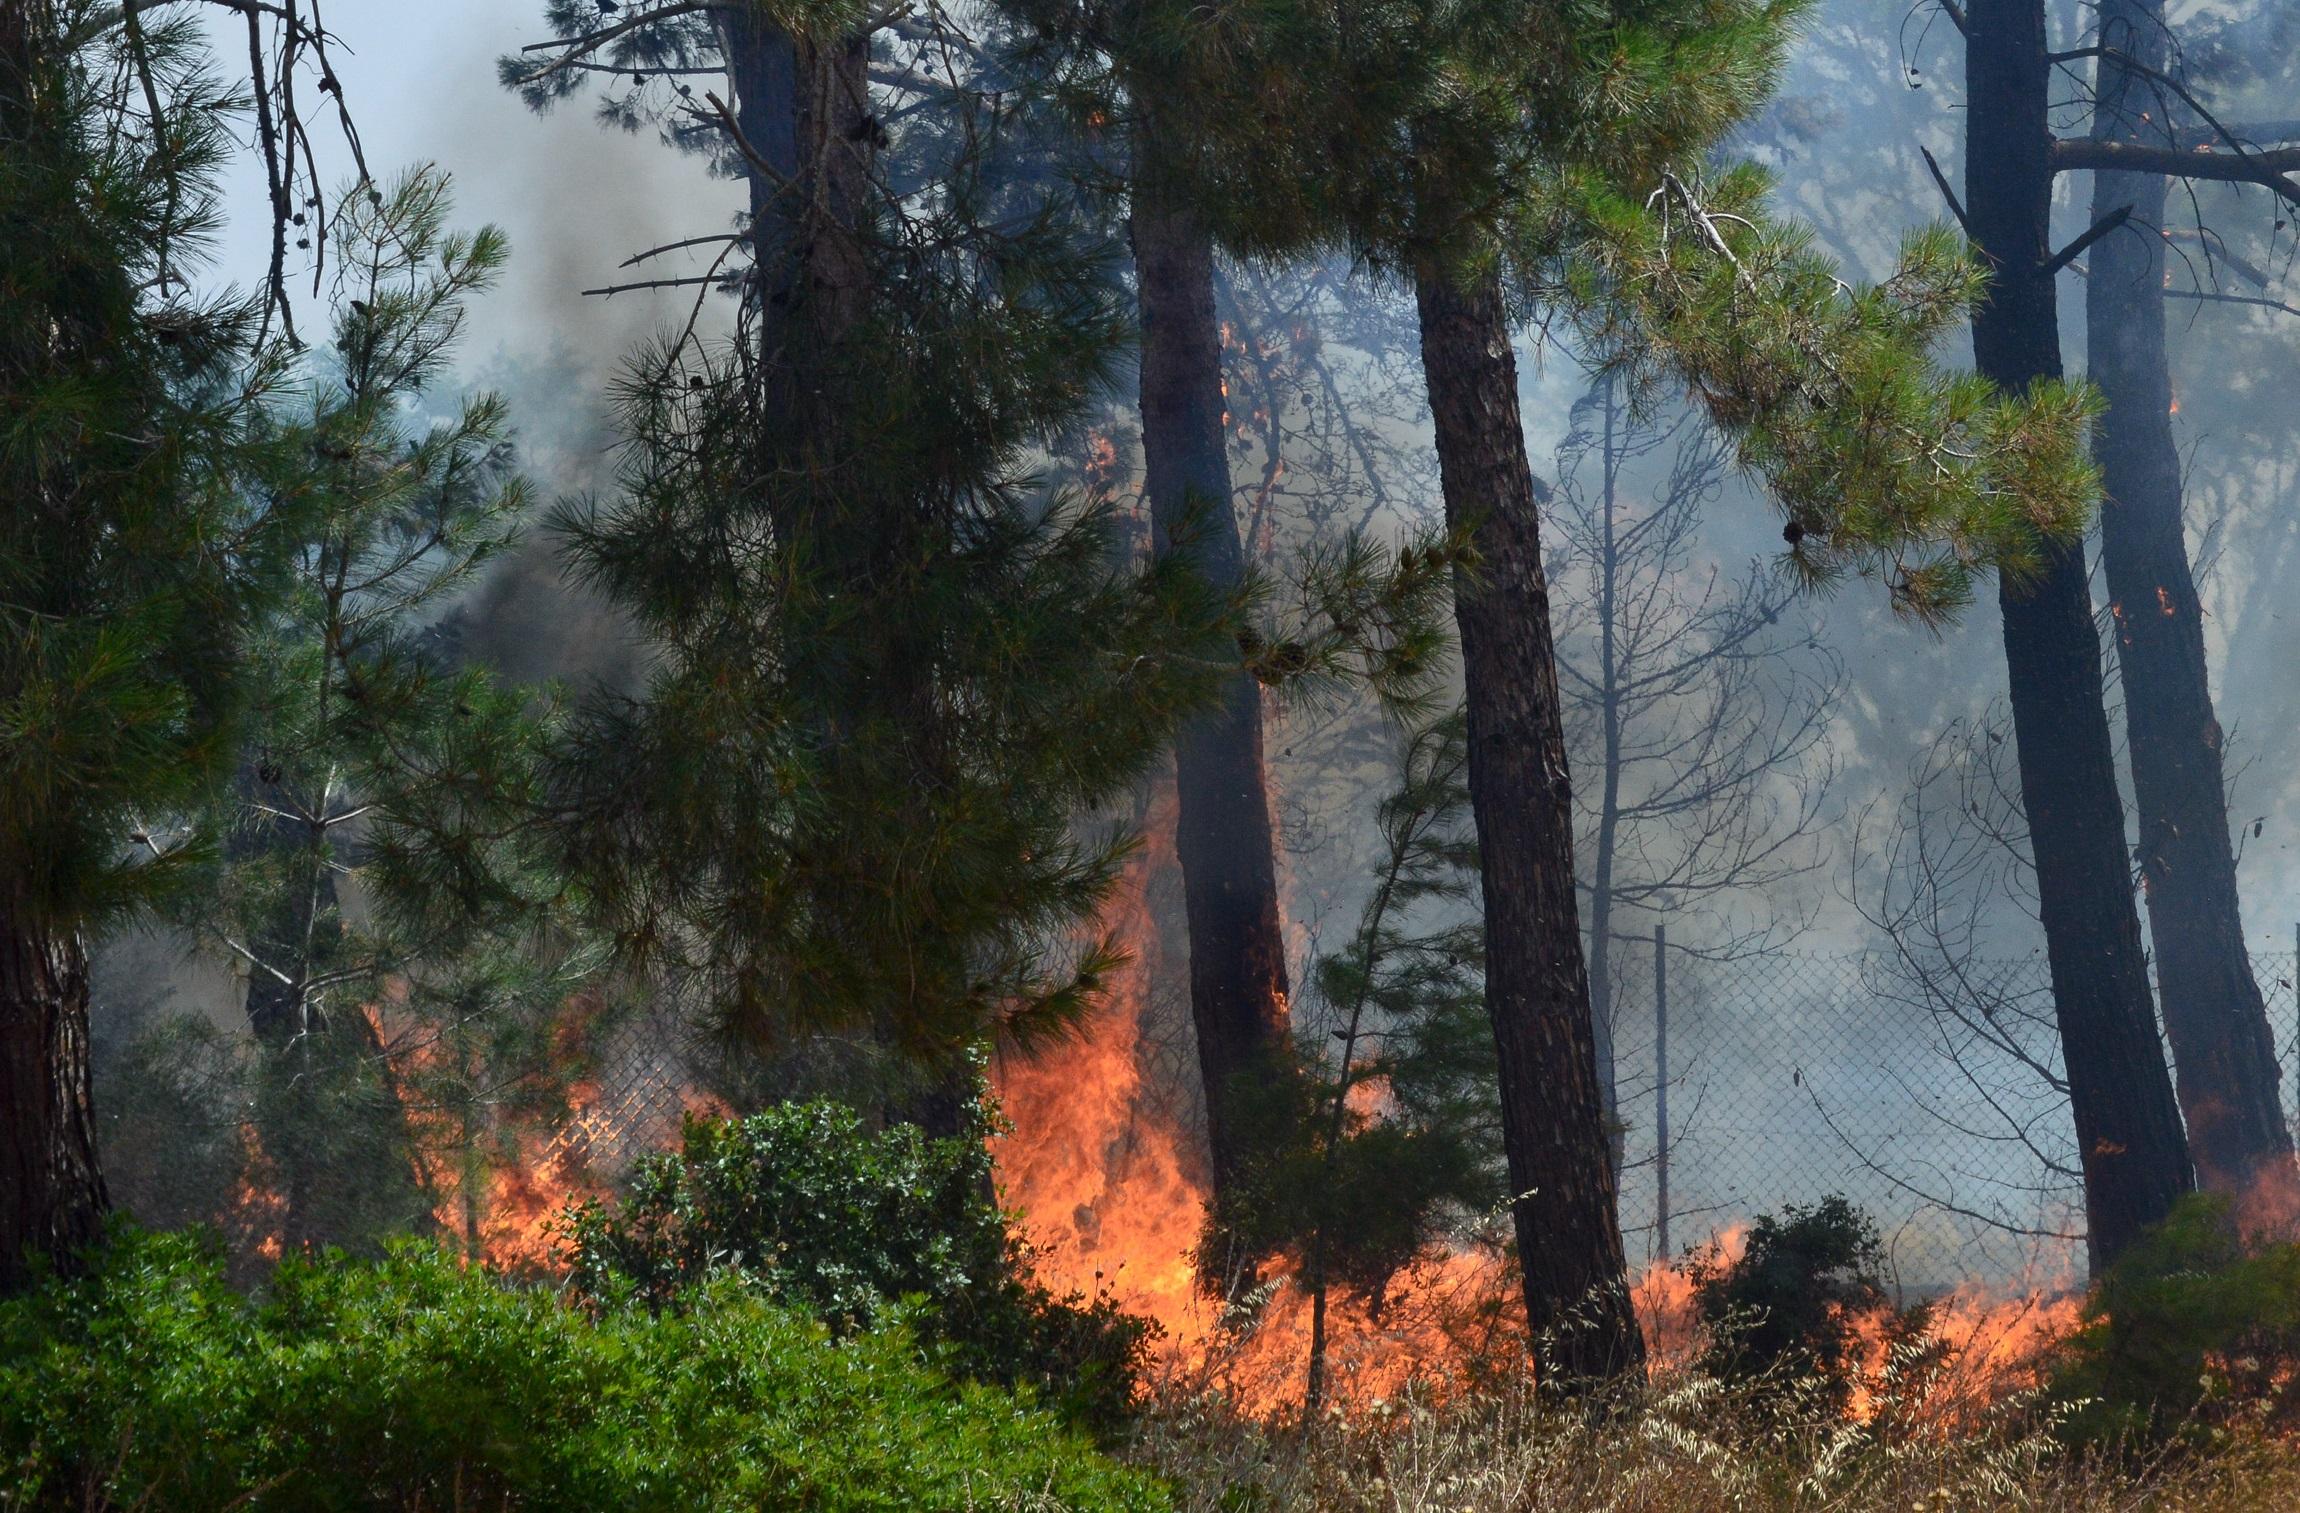 Μήνυμα του 112 για εκκένωση περιοχών στη Μεσσηνία